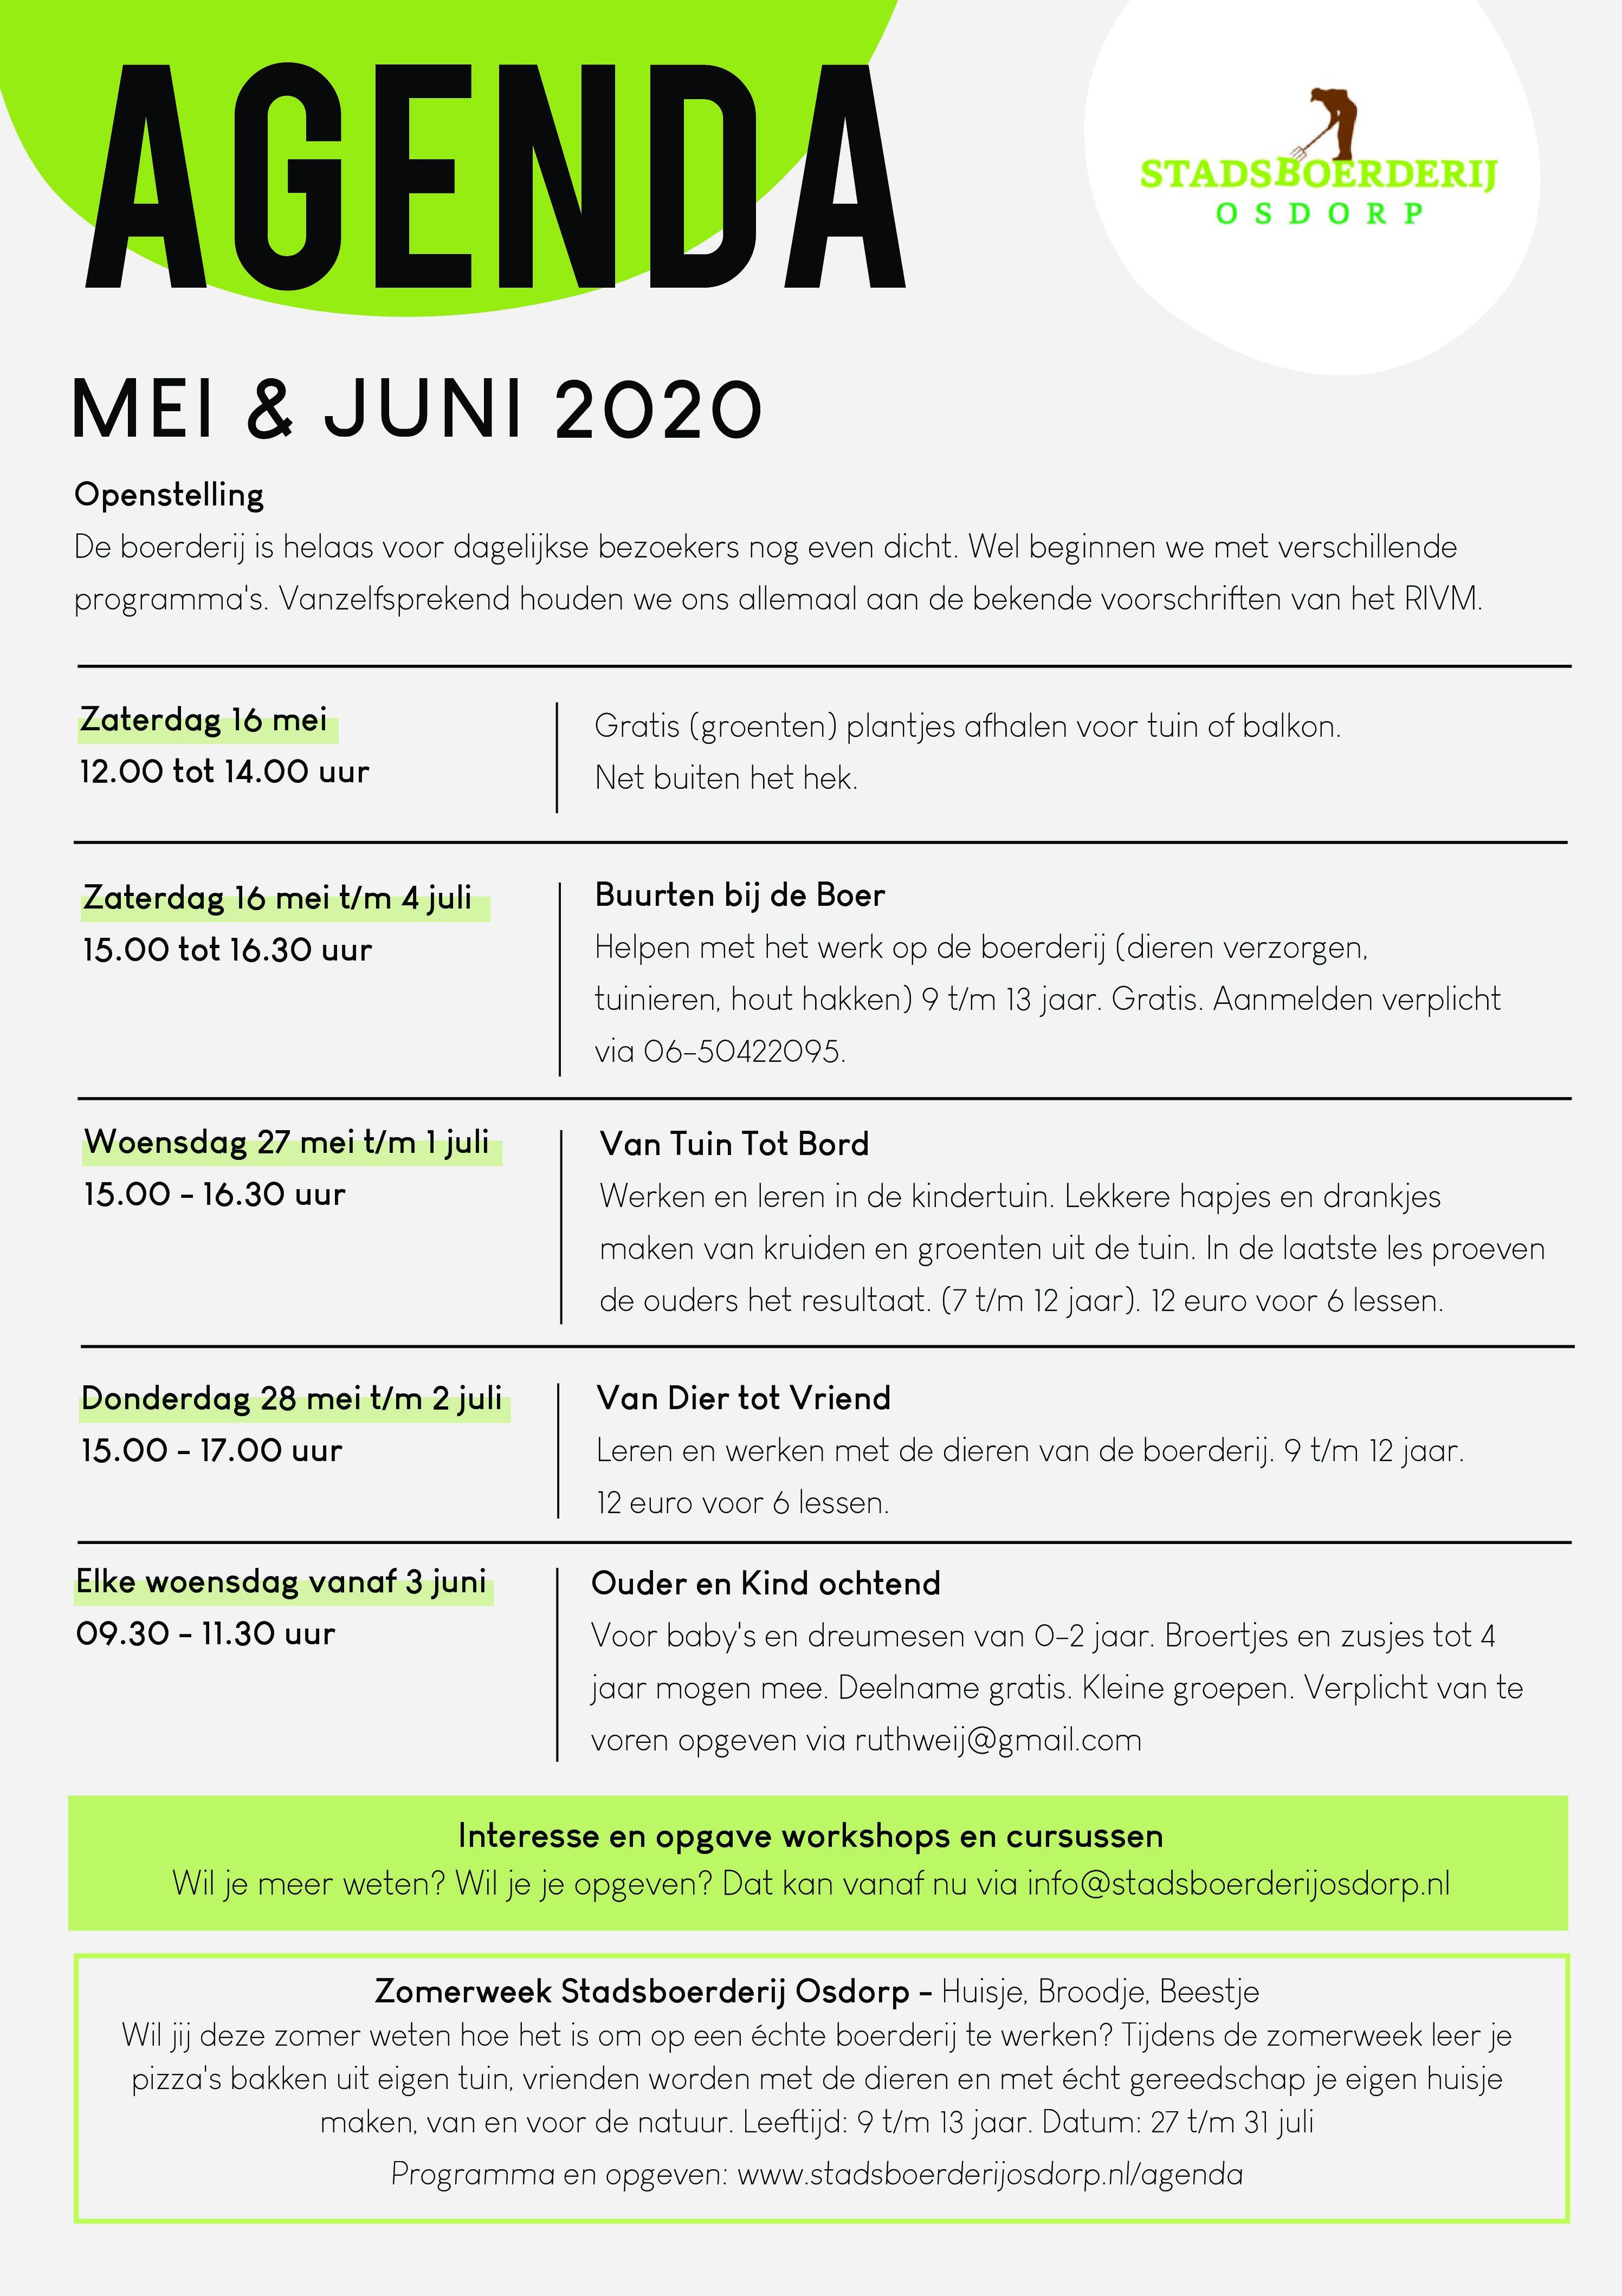 AGENDA MEI & JUNI 2020